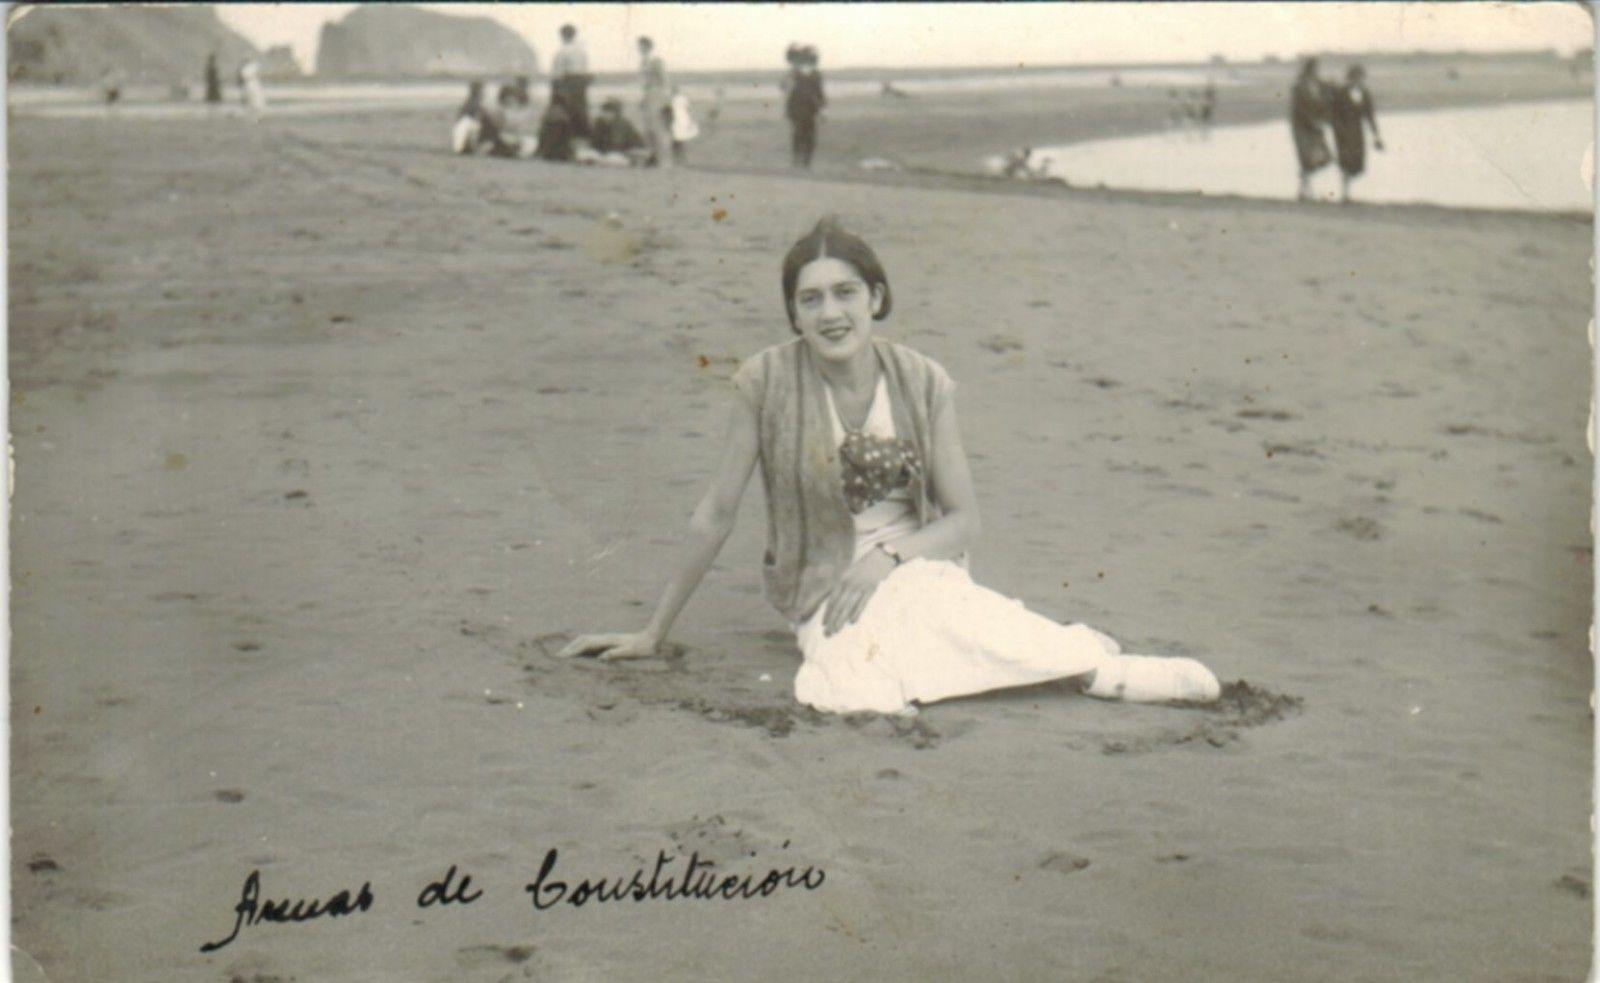 Enterreno - Fotos históricas de chile - fotos antiguas de Chile - Playa de Constitución en 1940